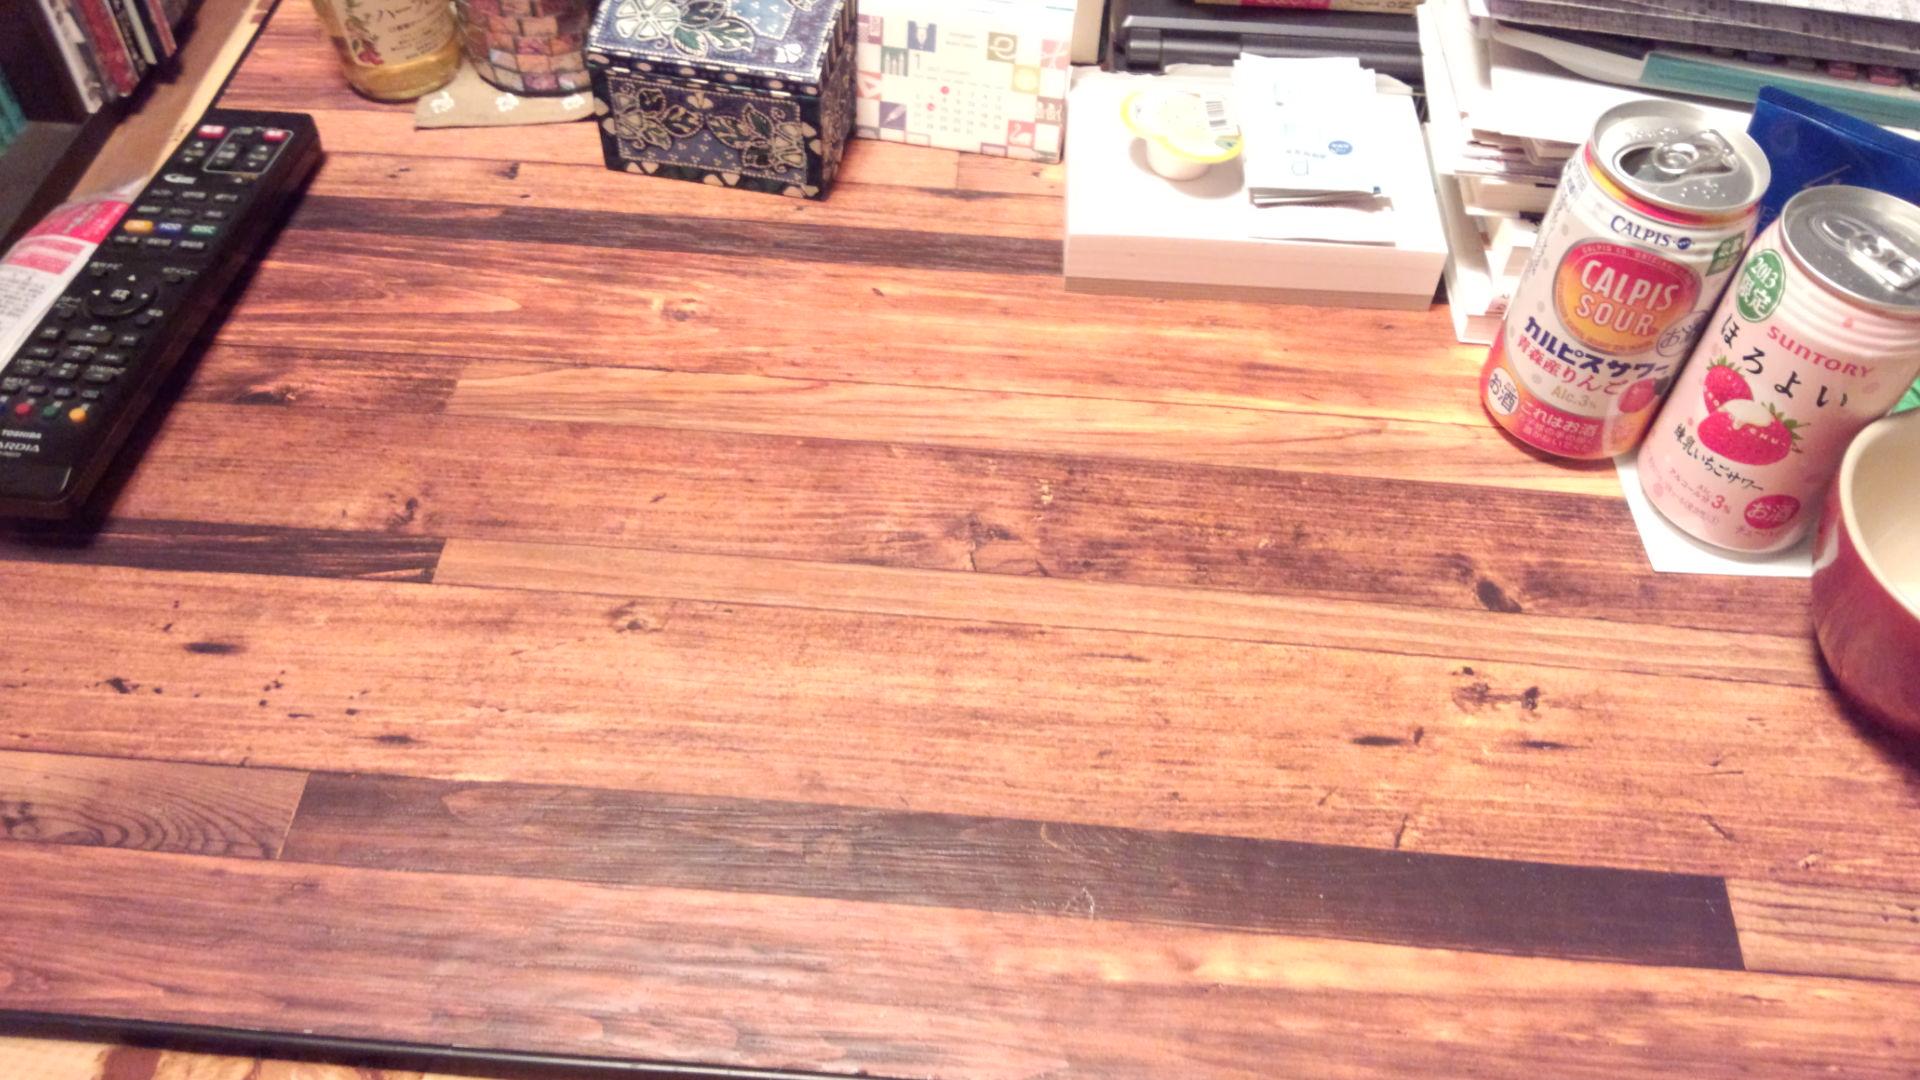 楽天市場 ビンテージな木目壁紙でやすらぐ空間作りのりも水も不要 すぐに張れる壁紙 のり付 クロス 生のり付き壁紙 サンゲツfe 4768 販売単位1m 10m以上送料無料 壁紙の上から重ねて張れる壁紙生のりタイプ 法人名義の領収書も発行 壁紙屋本舗 カベガミヤ